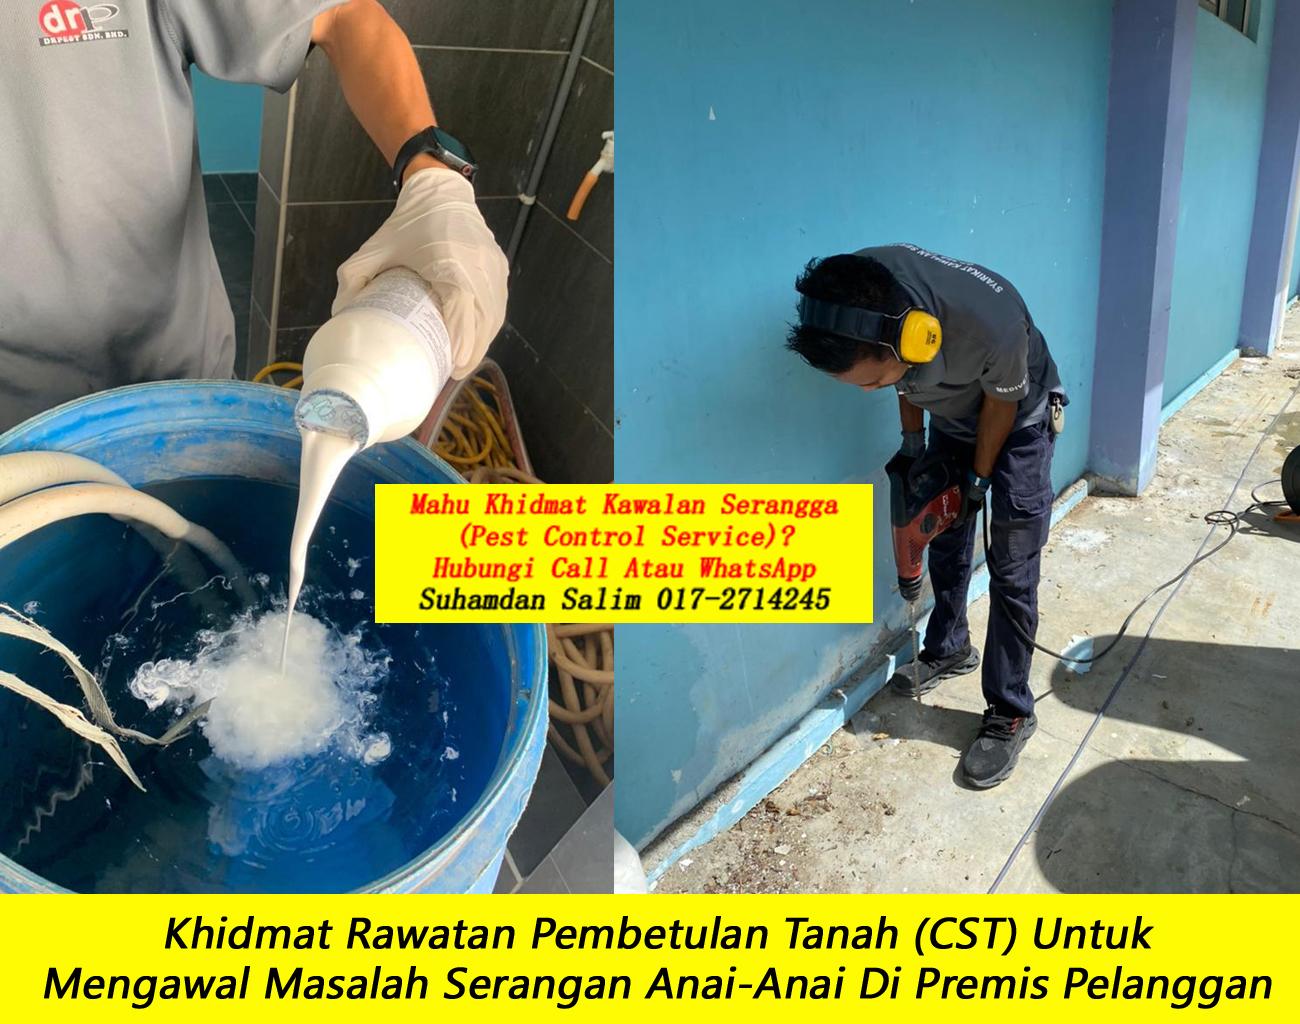 khidmat rawatan dan pencegahan masalah anai anai di Dang Wangi kl oleh syarikat kawalan serangga company pest control kawalan anai anai yang berkesan terbaik di felda